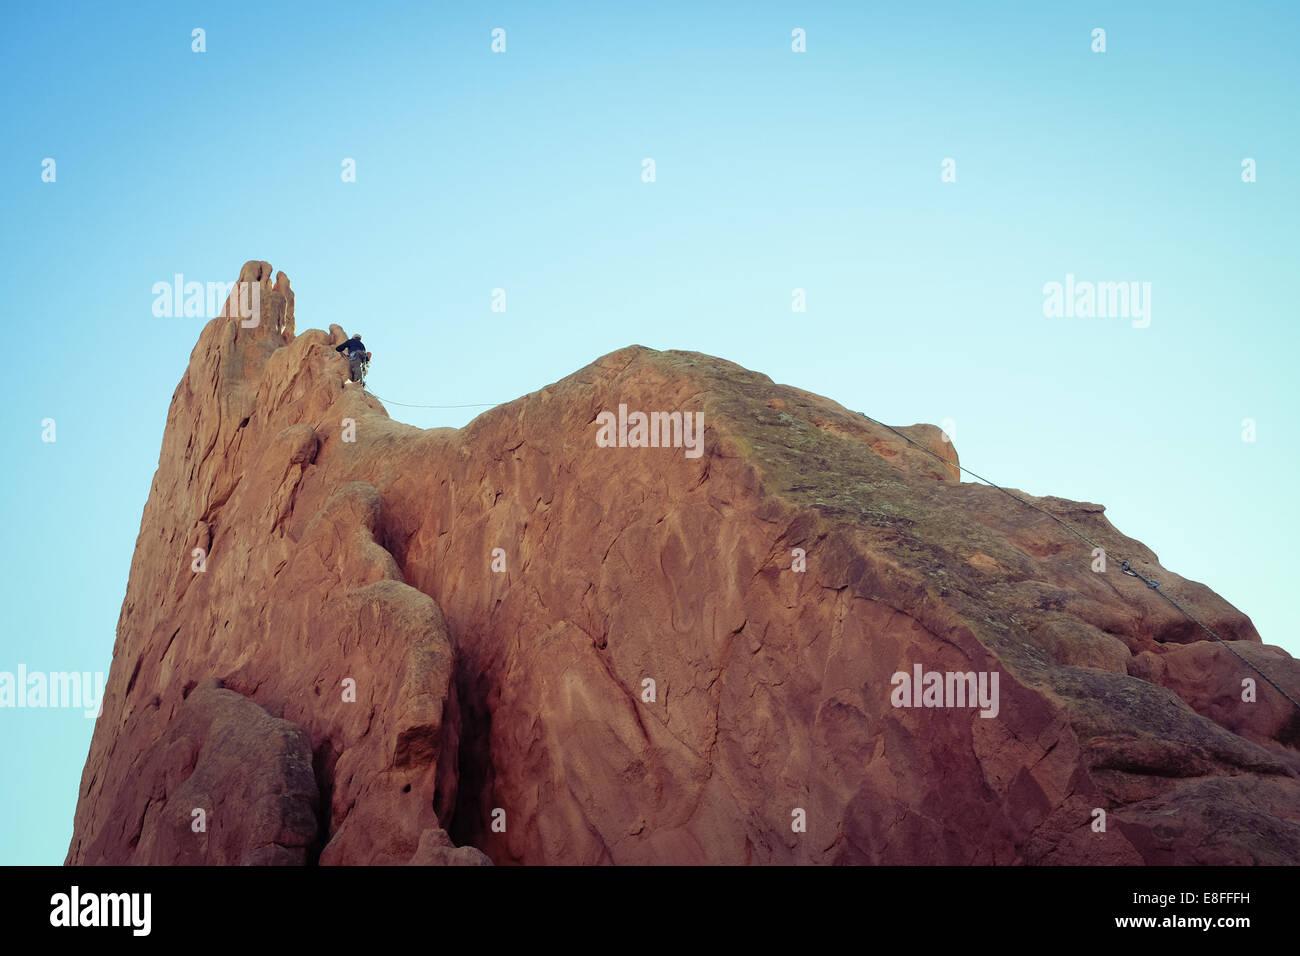 Mountain climber - Stock Image